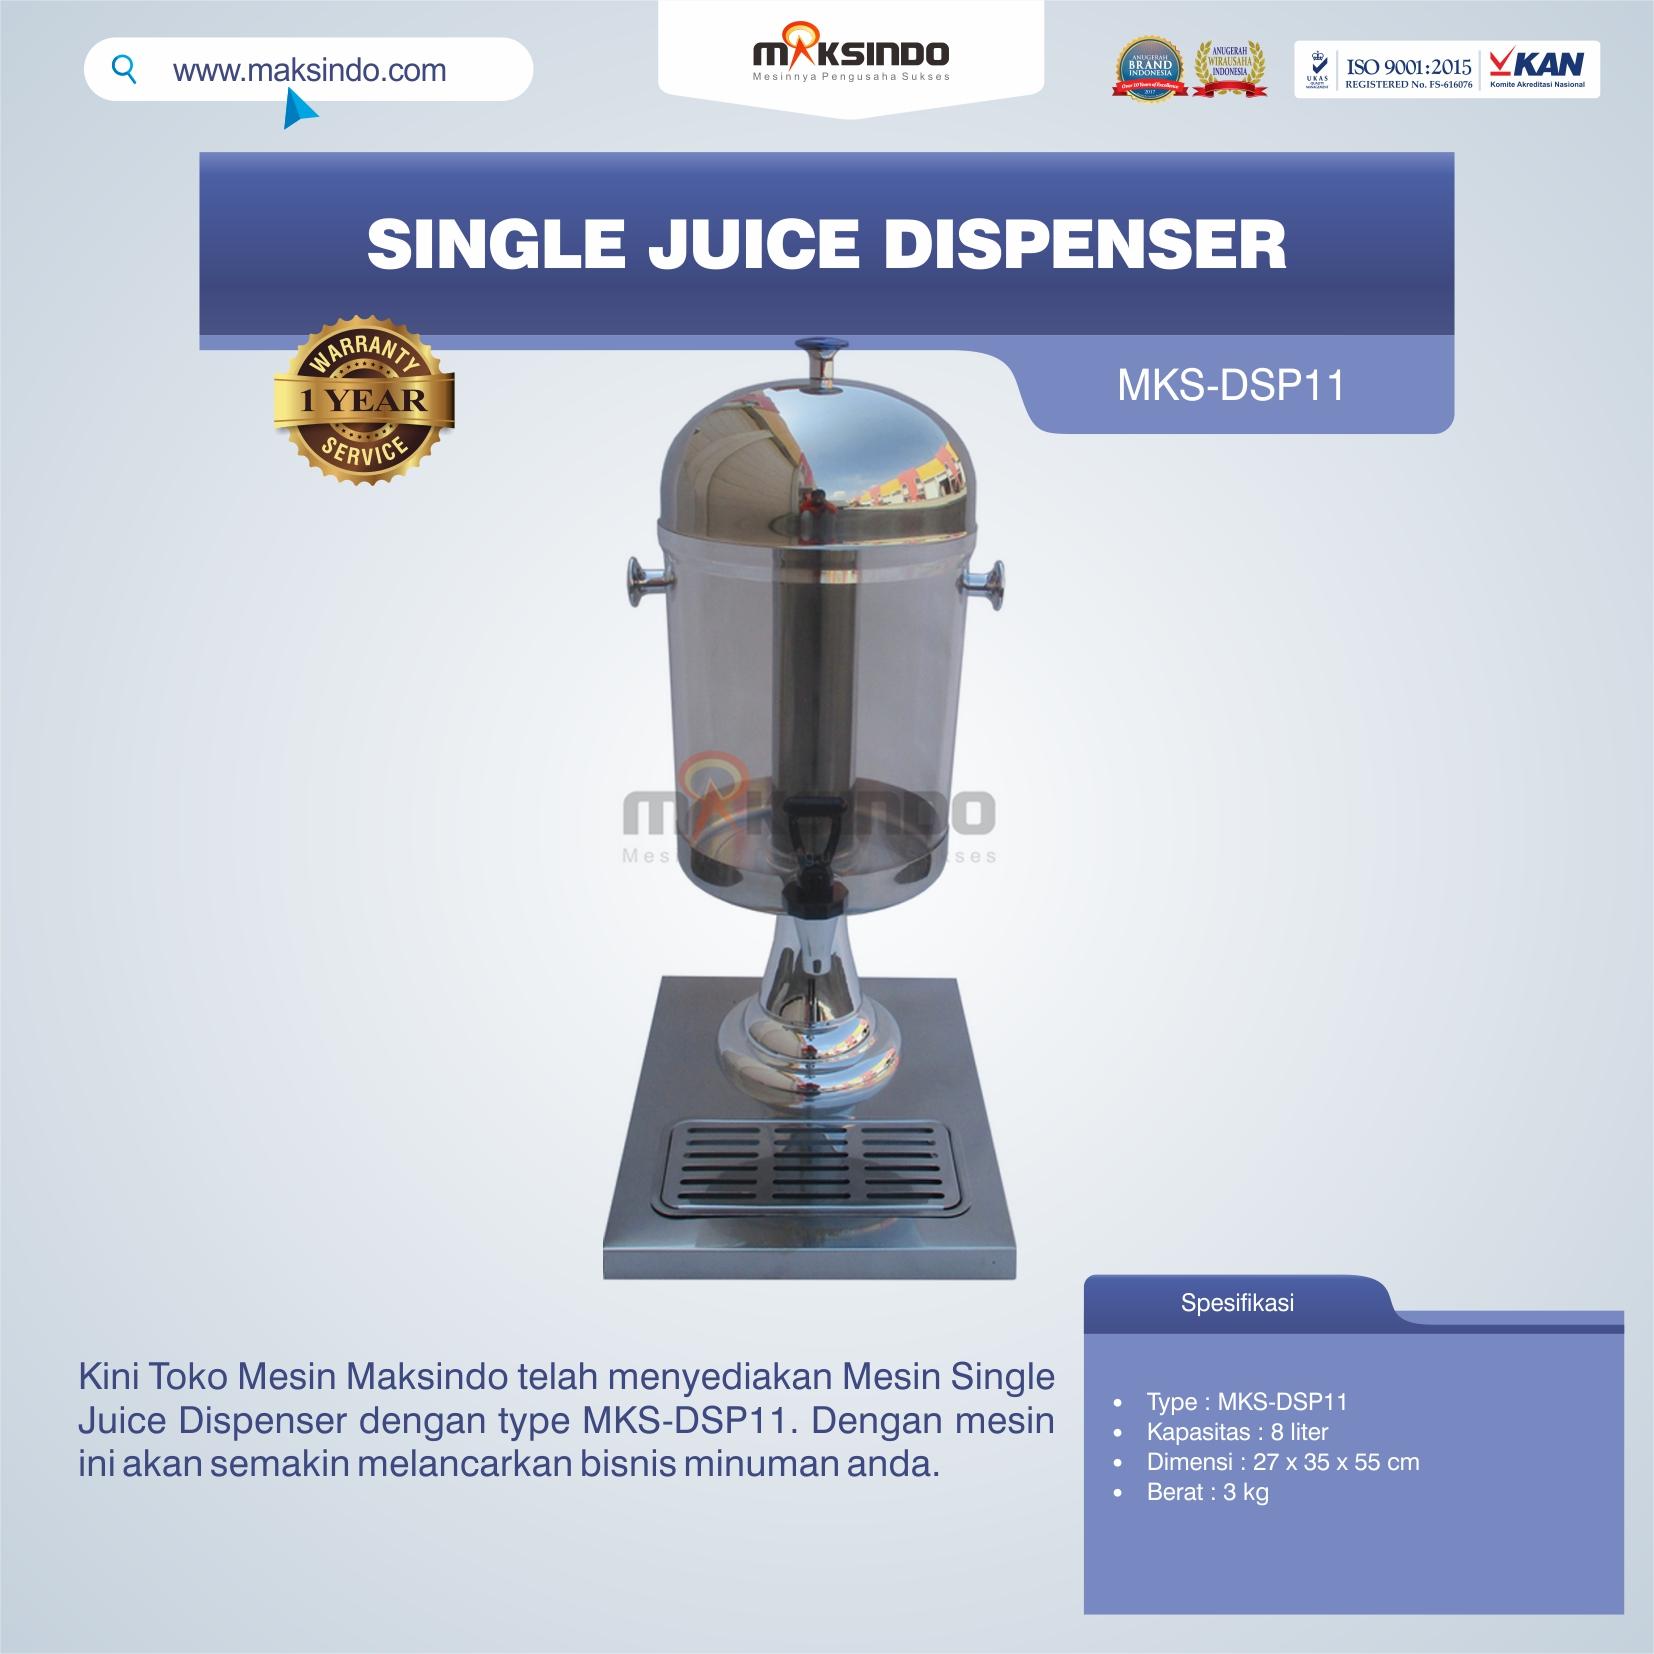 Jual Single Juice Dispenser MKS-DSP11 di Semarang